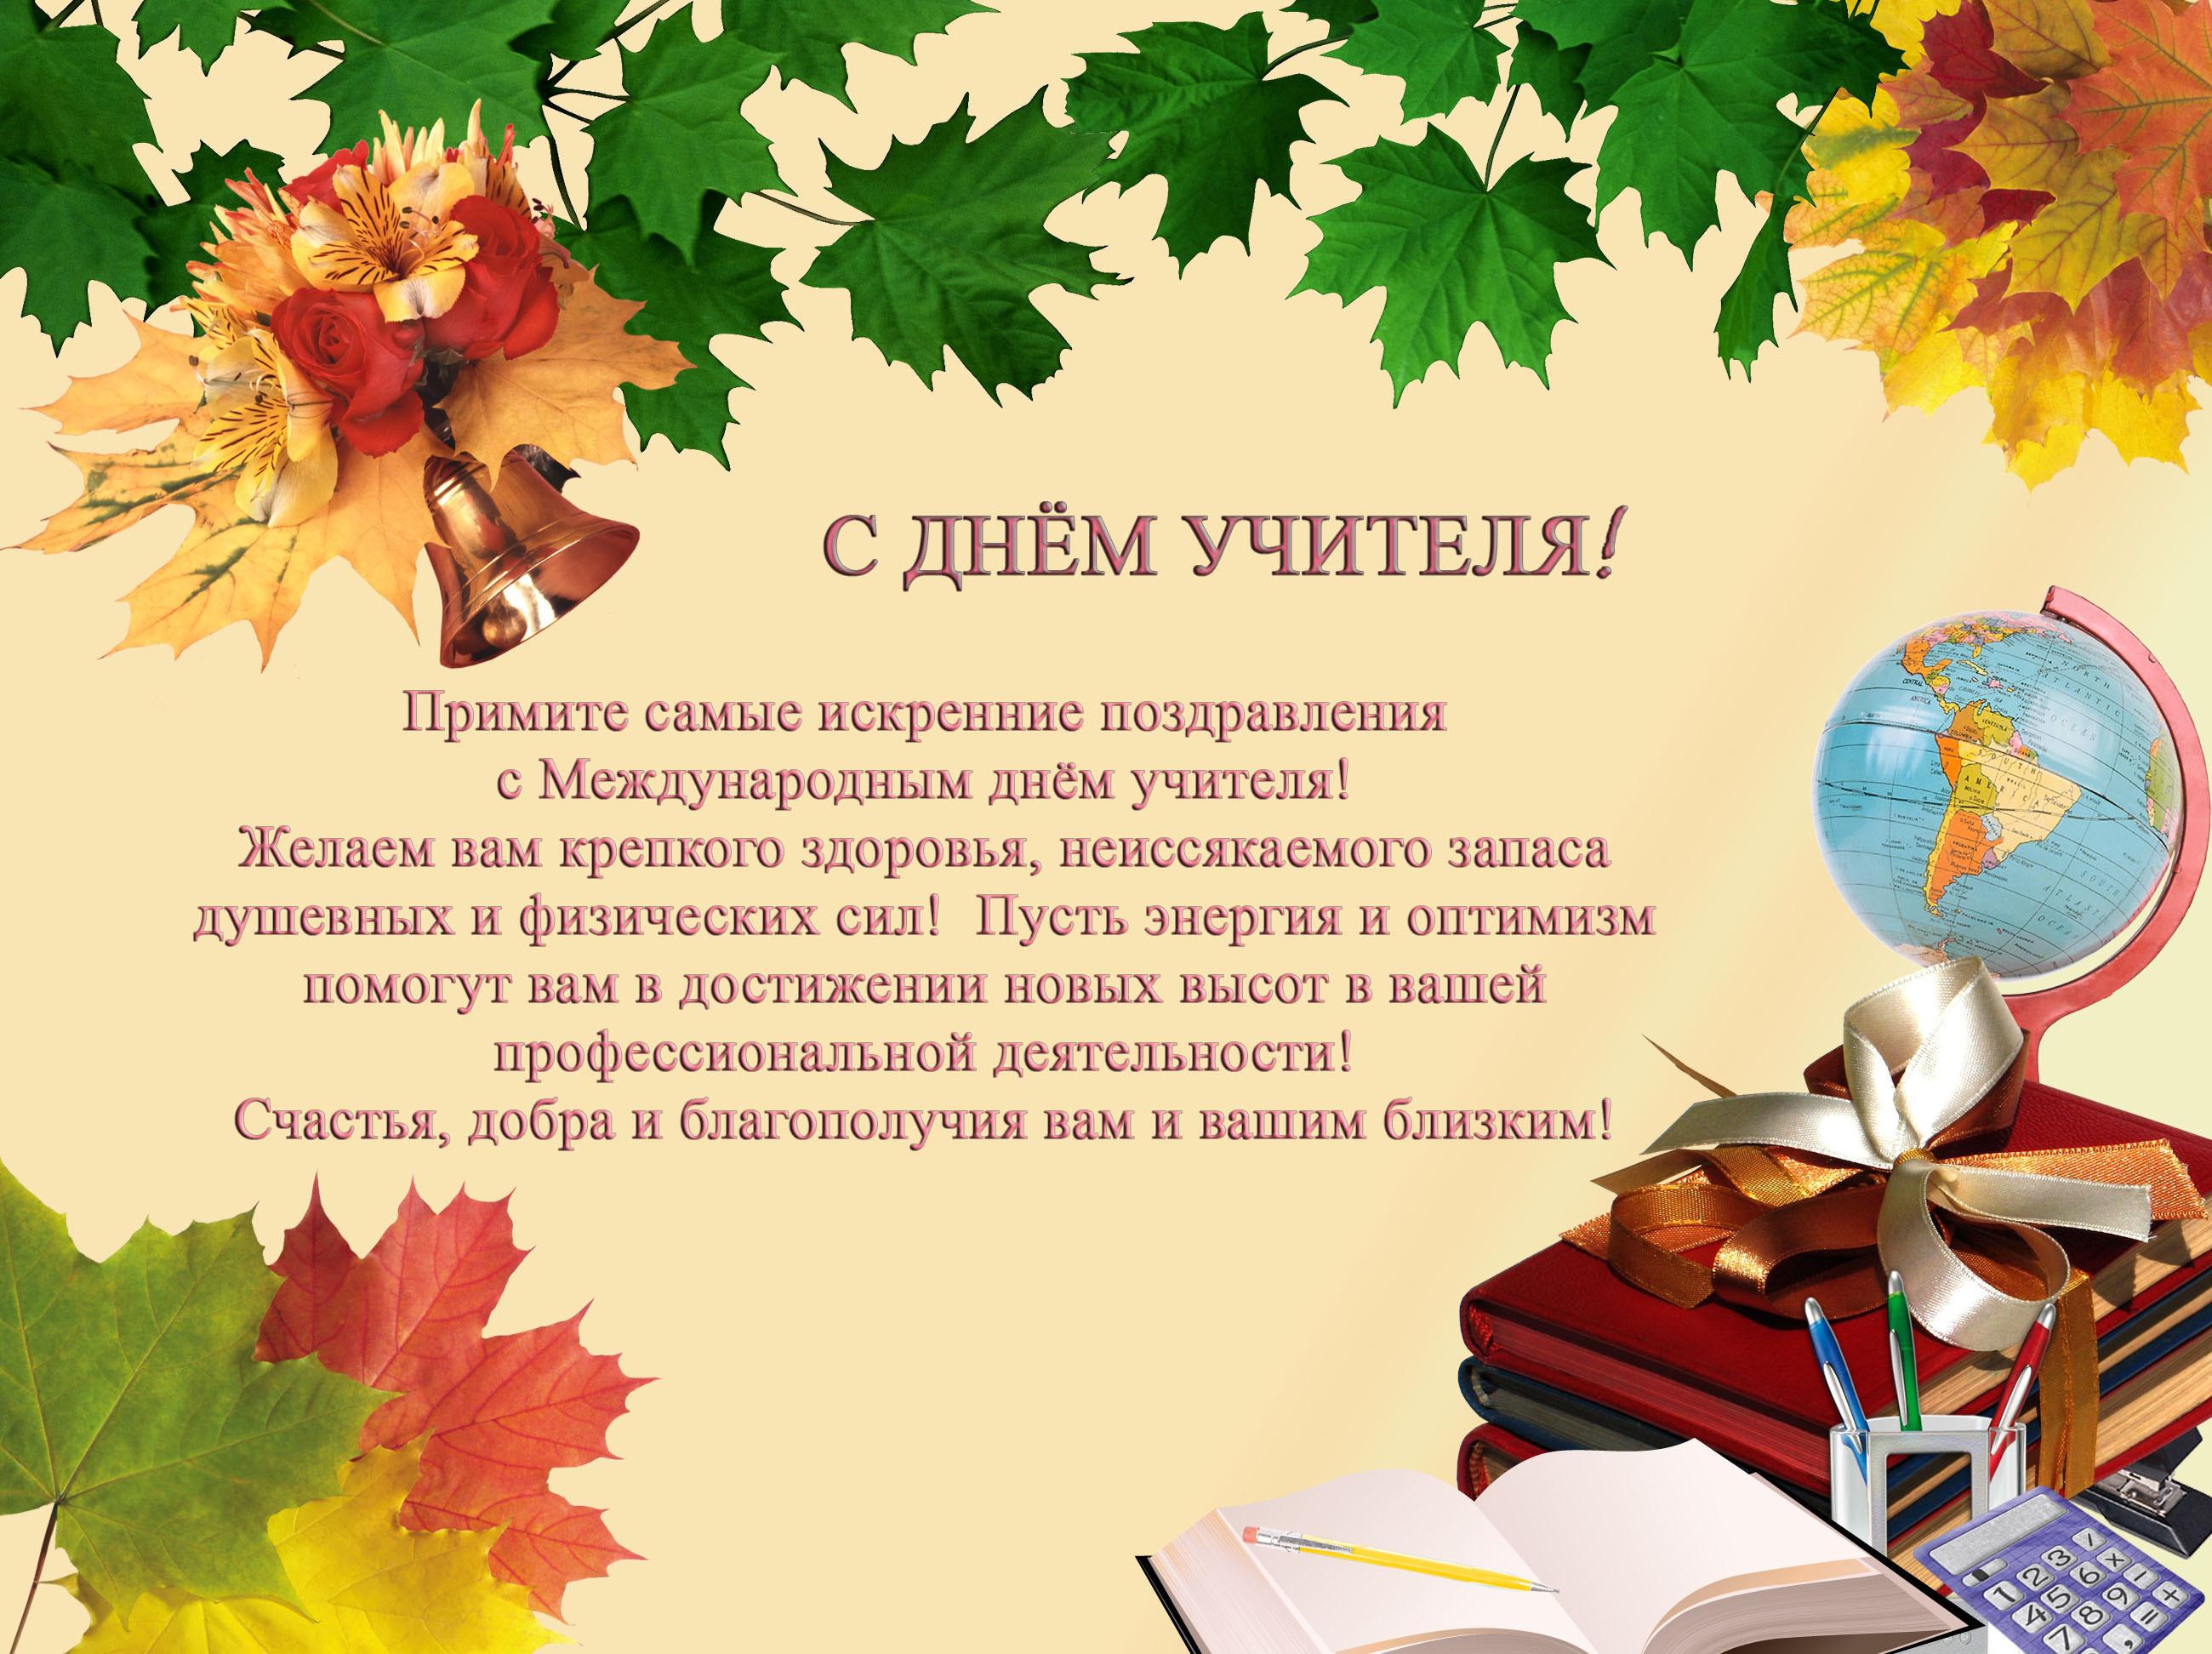 Поздравления к дню учителя первоклассниками